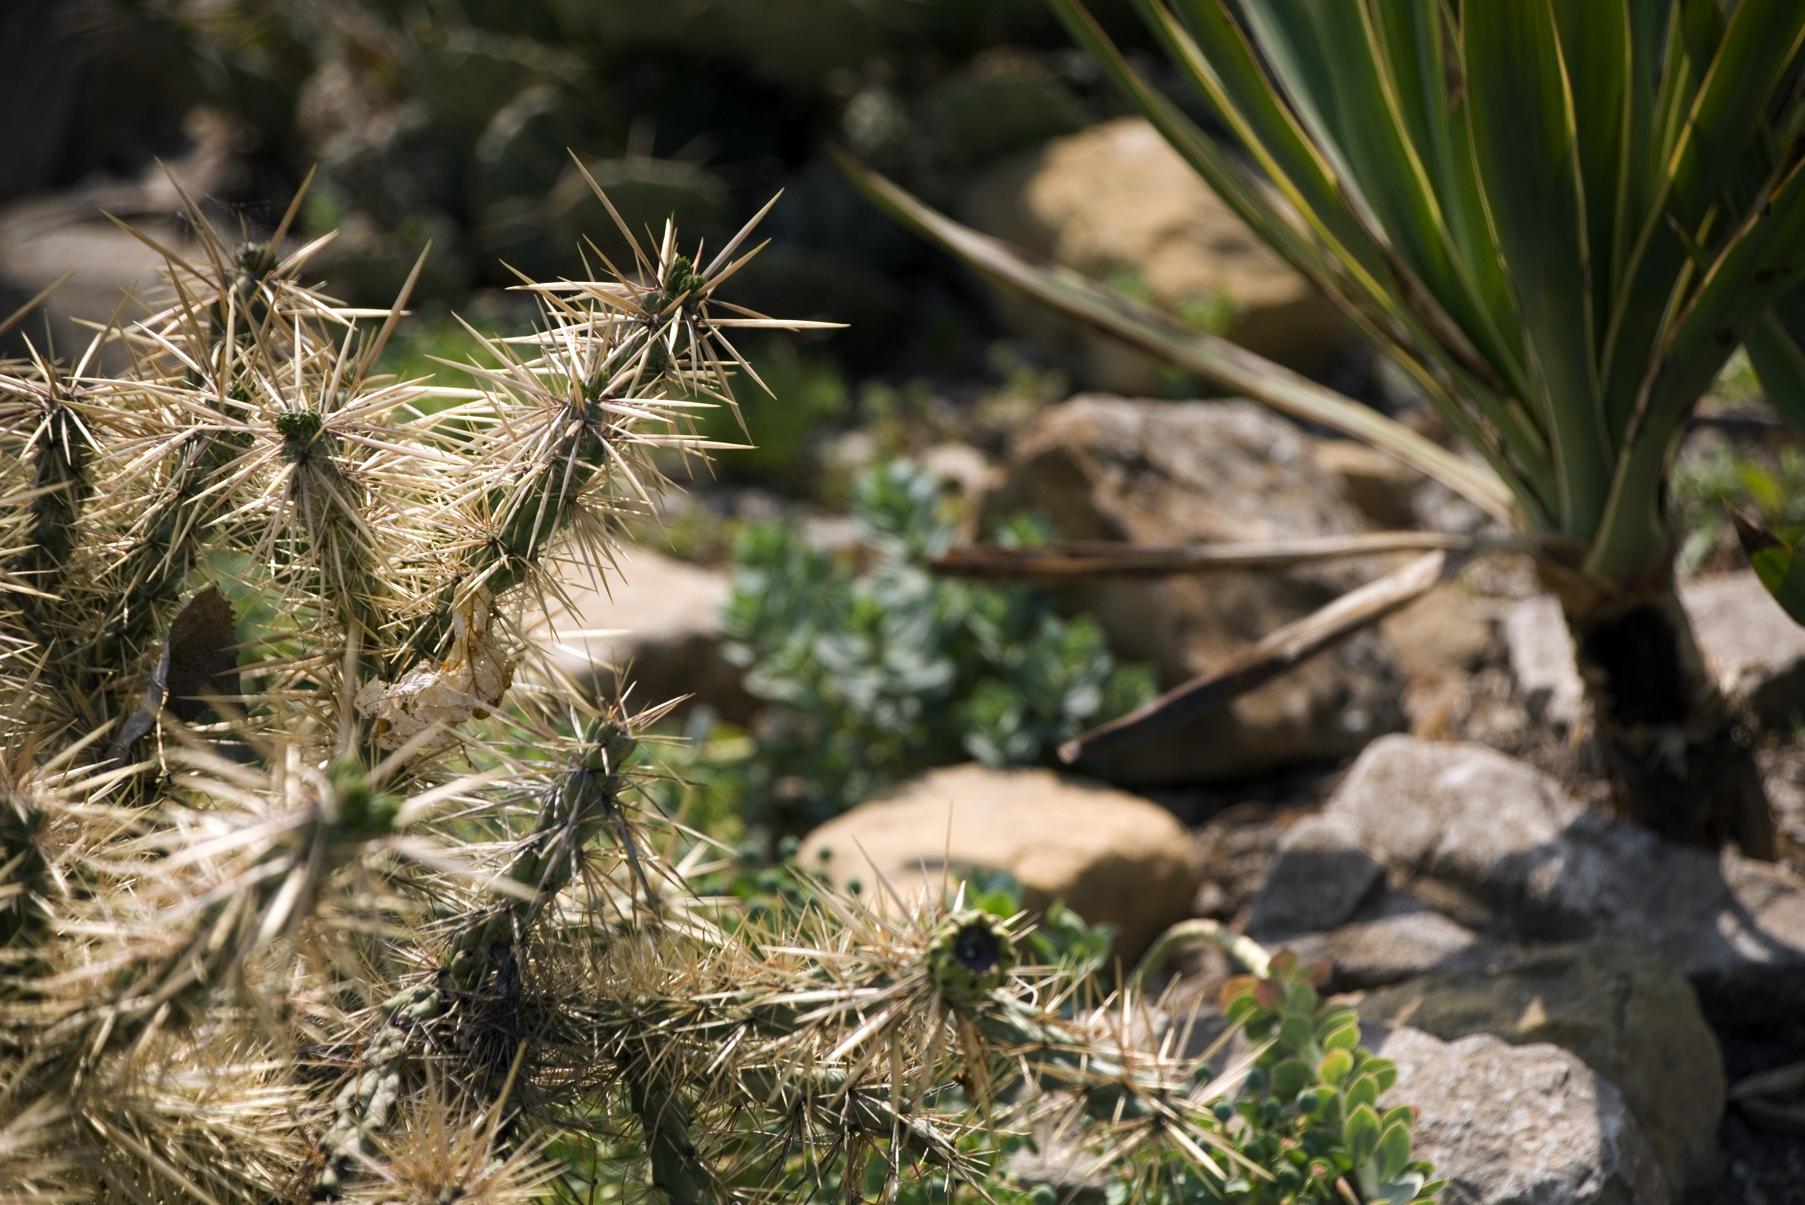 Cactus & Rock Garden